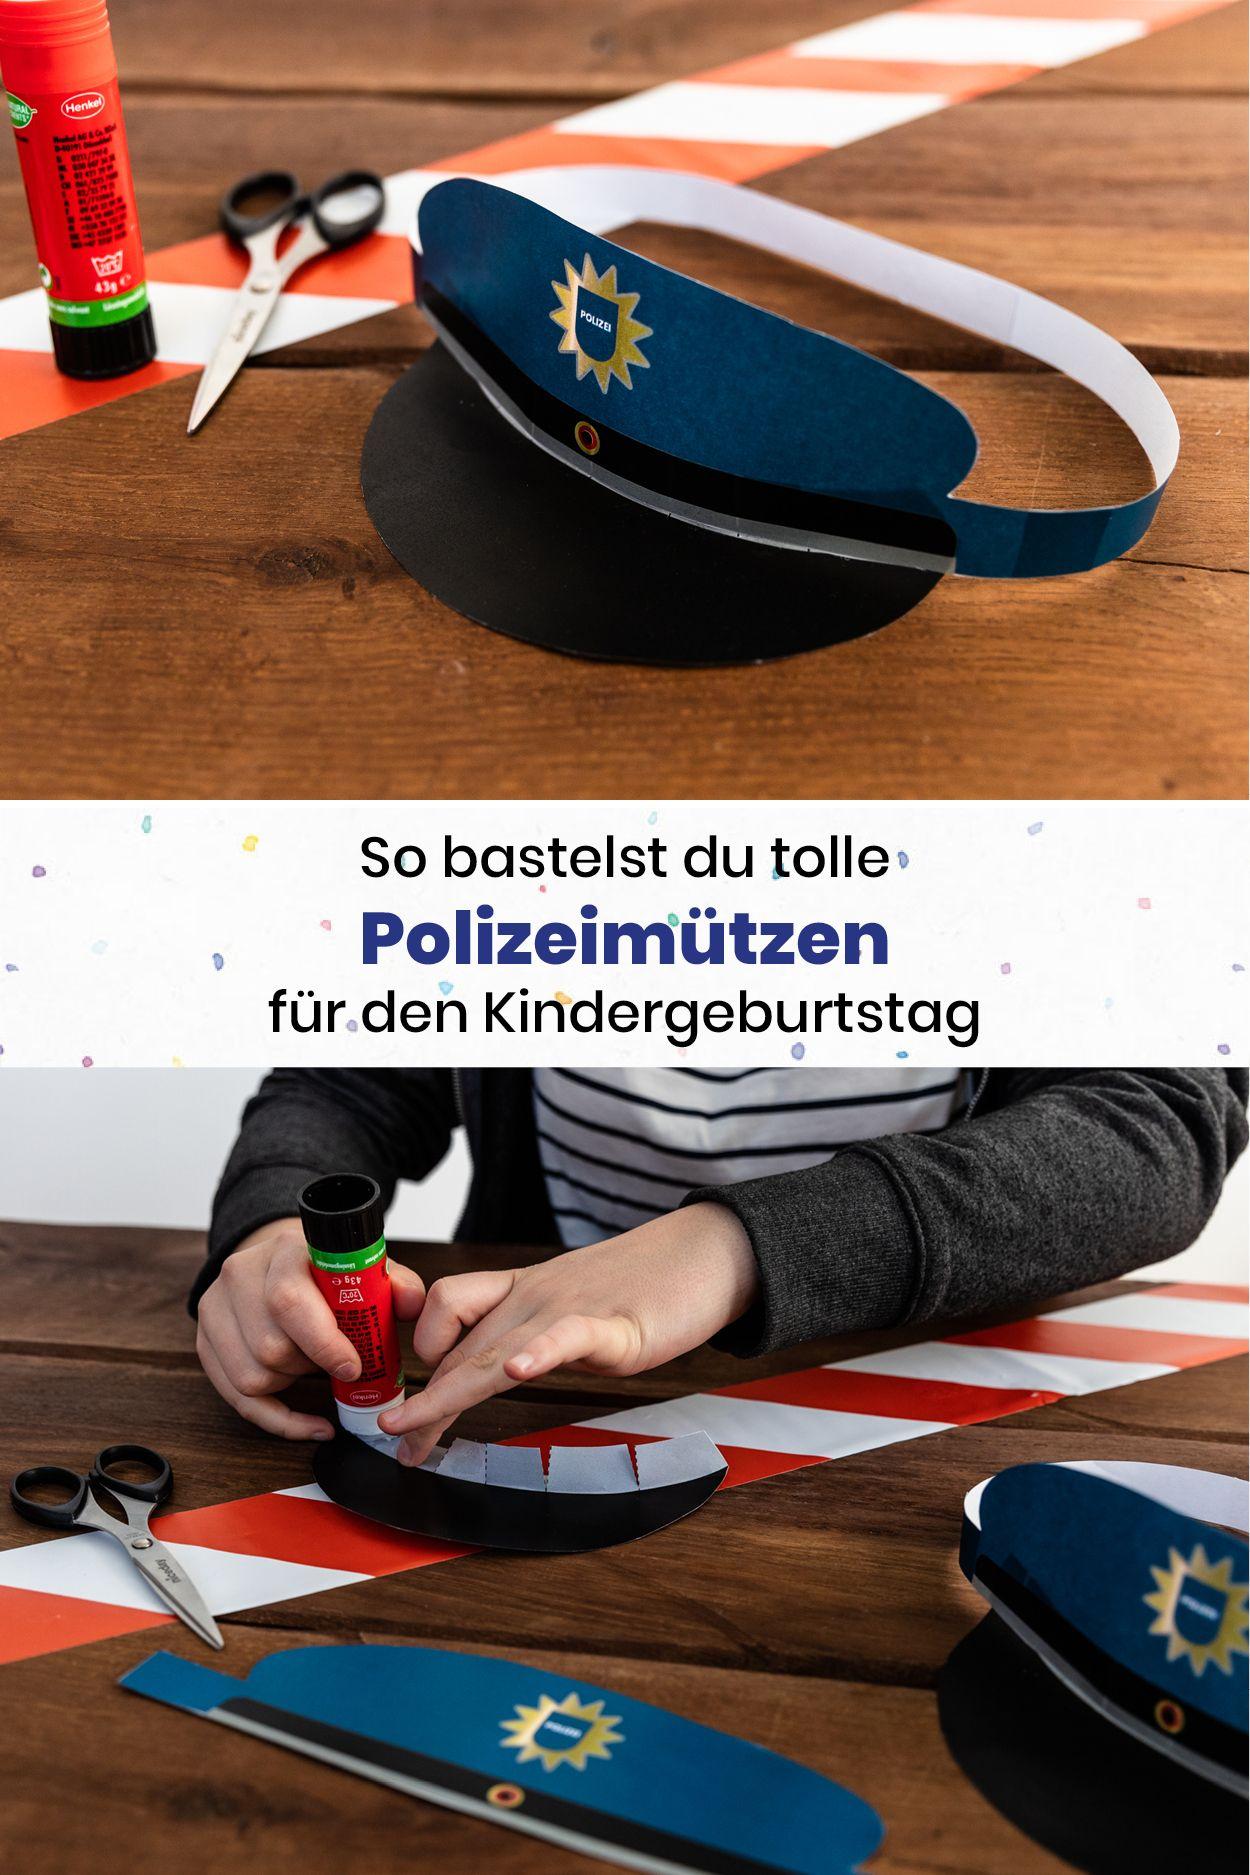 Gegen Langeweile Polizei Unterfranken Veroffentlicht 13